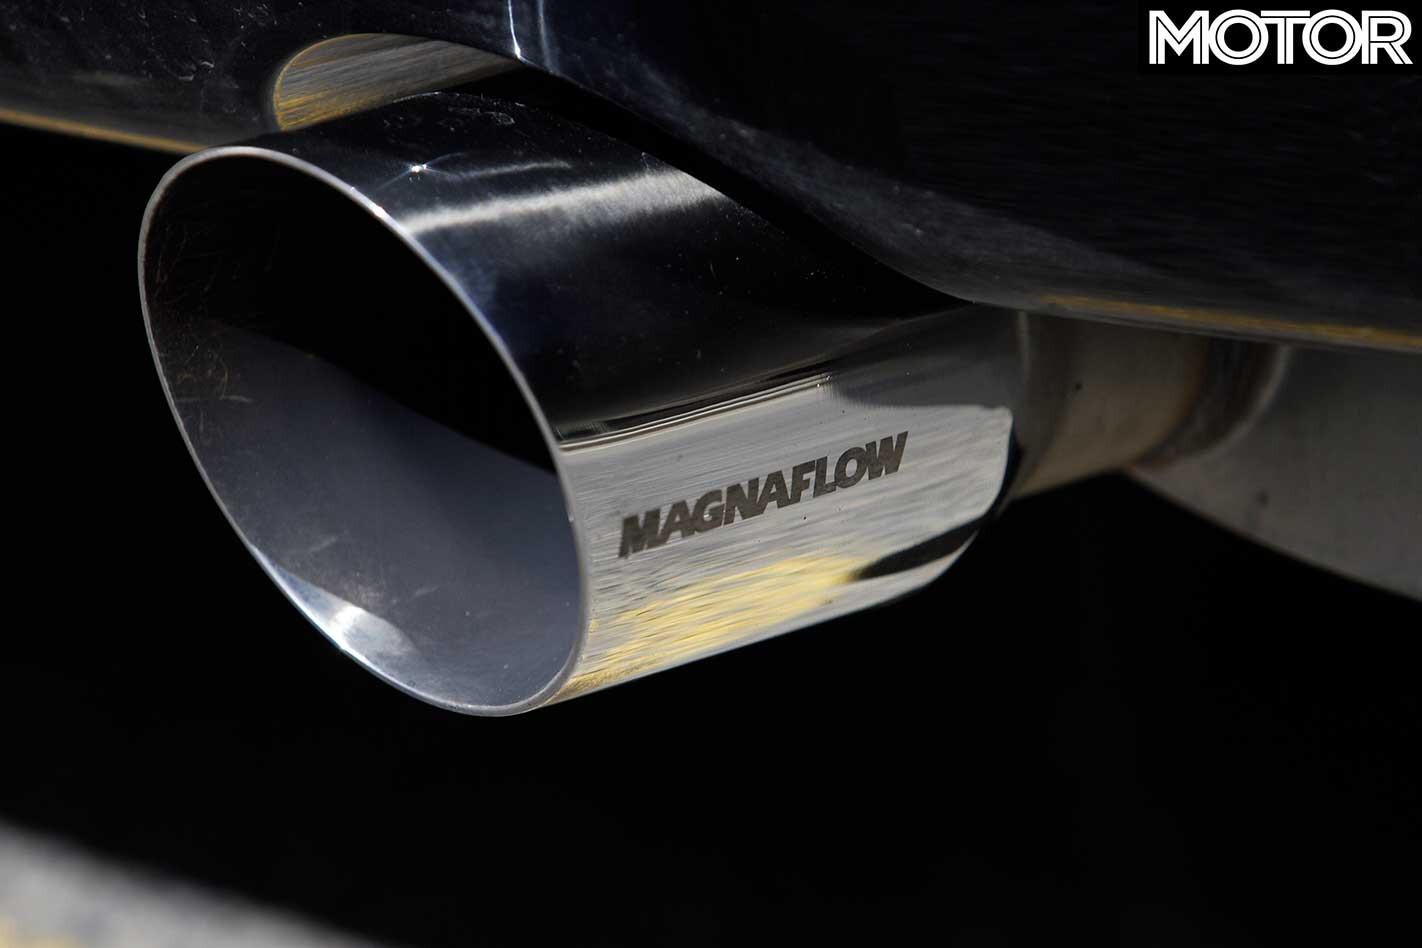 2007 Chrysler SRT 8 E 490 Magnaflow Exhaust Jpg